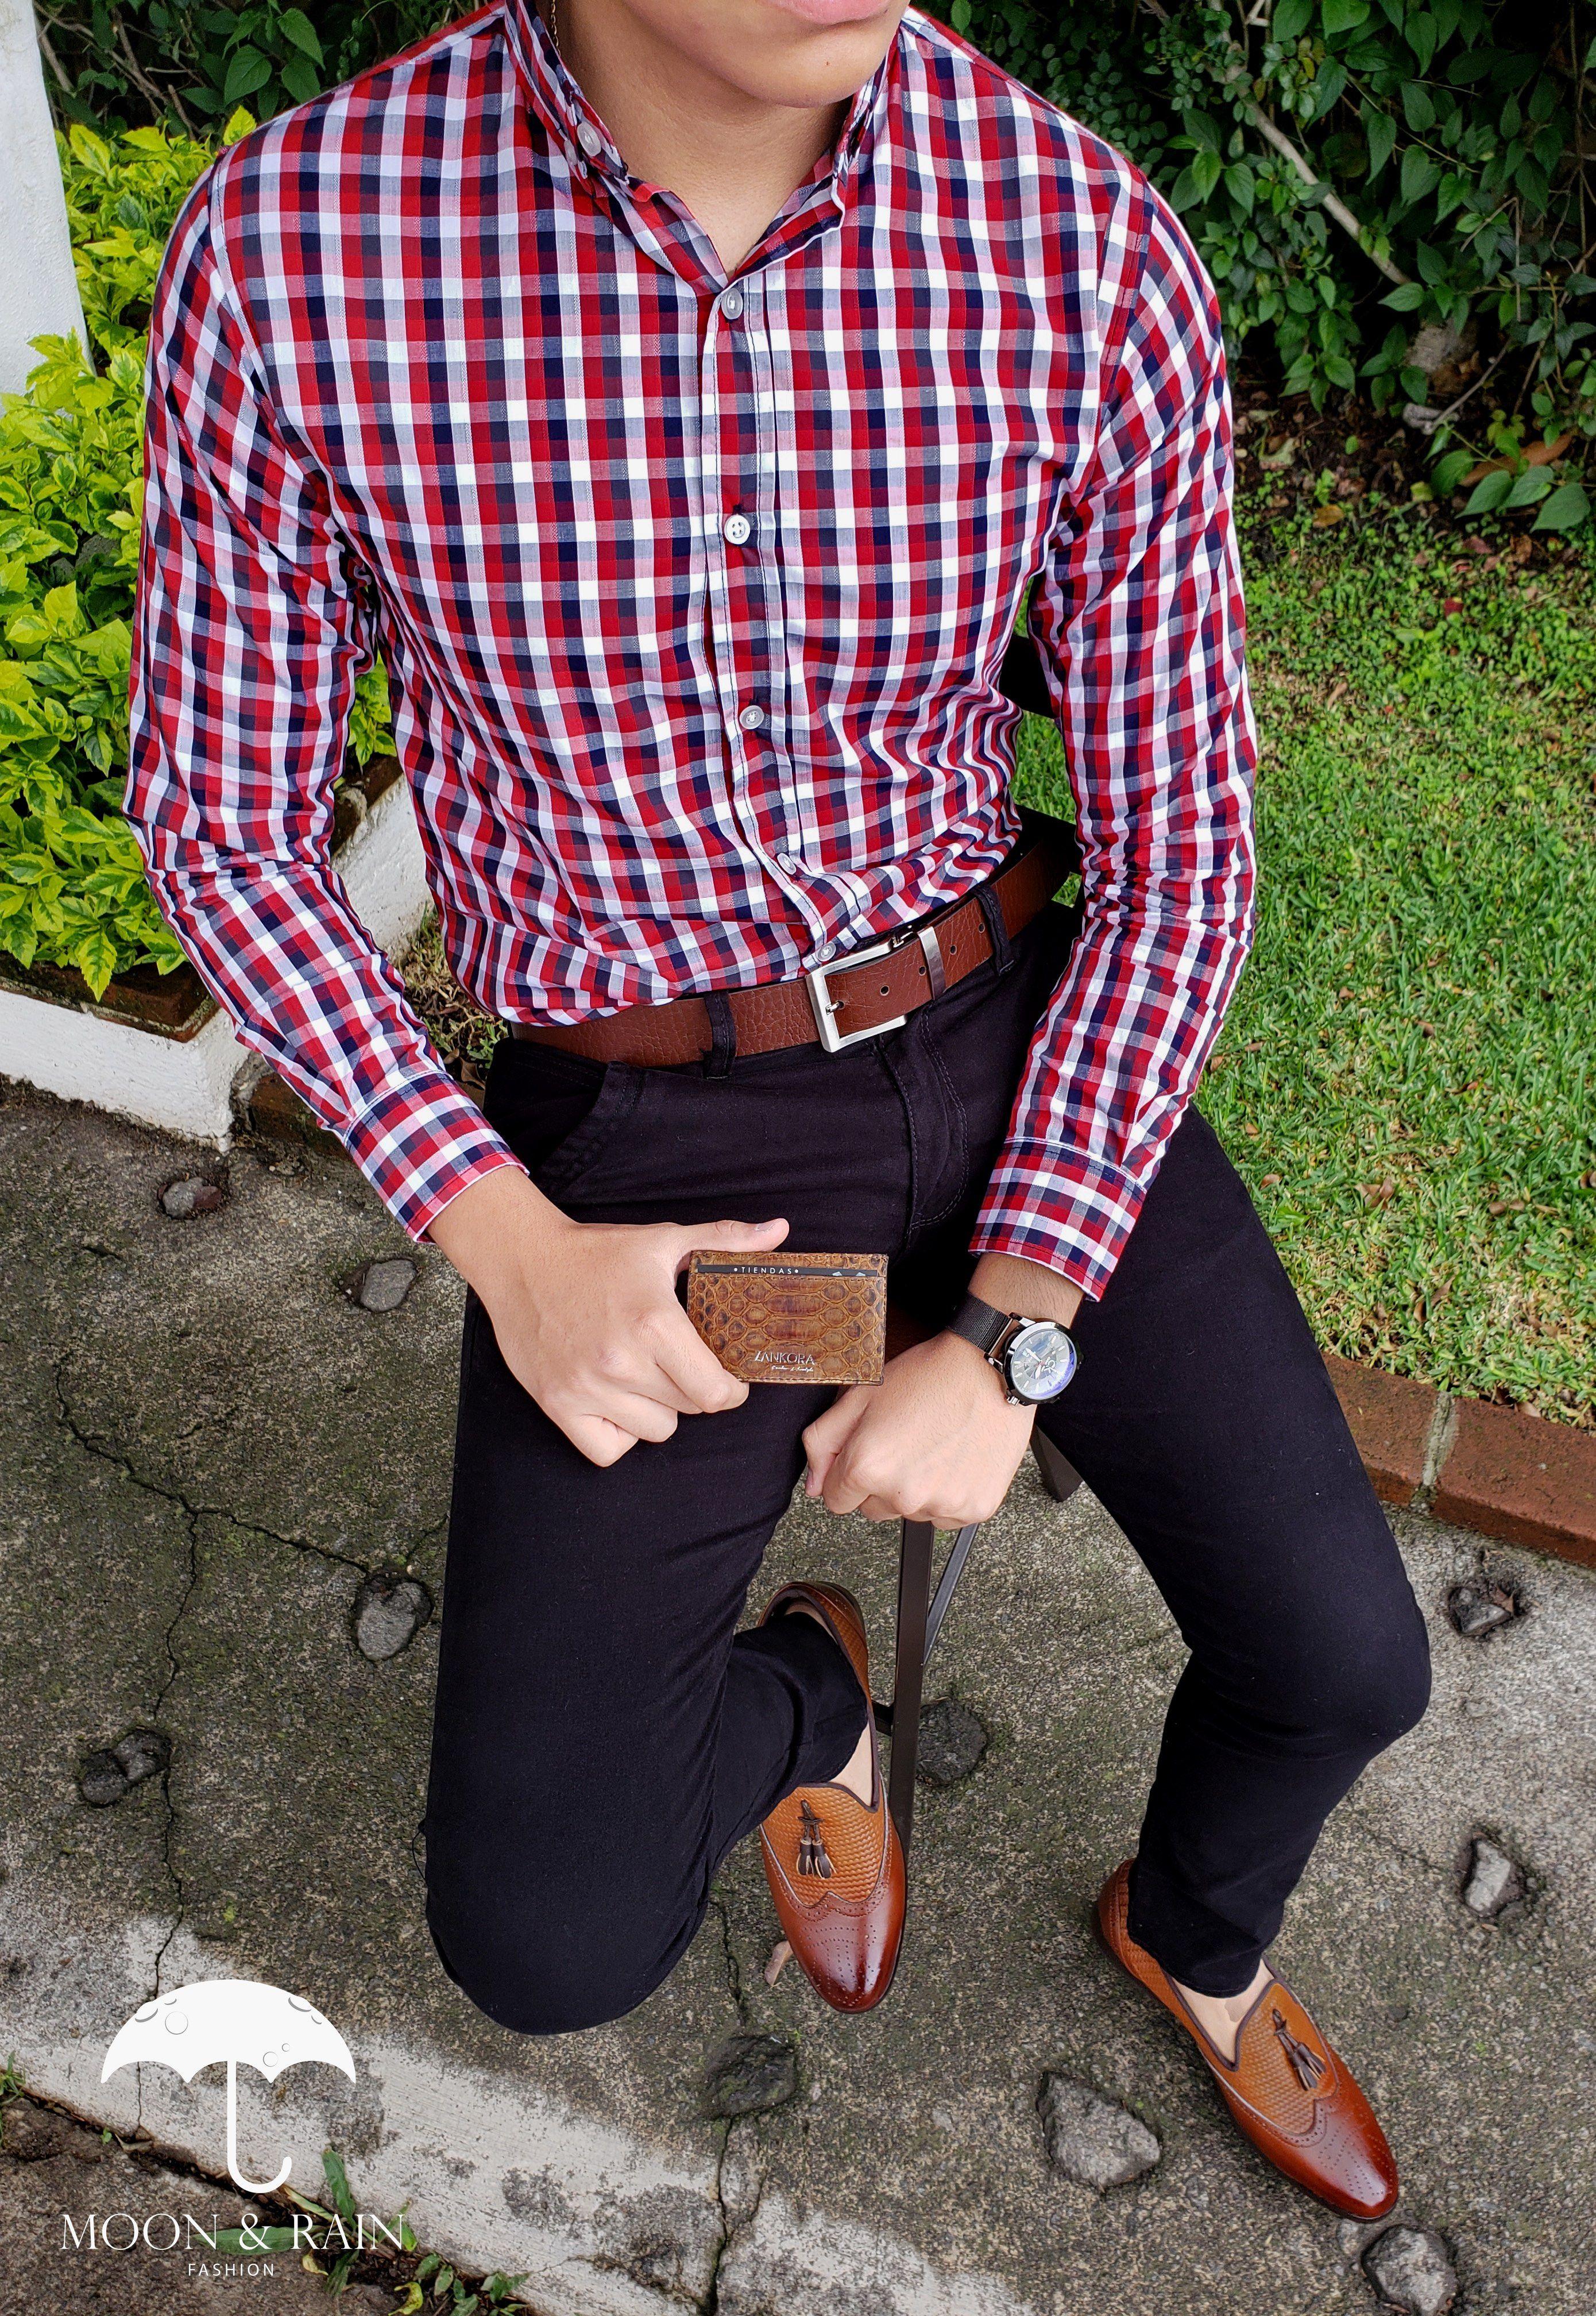 Cuadros Slim Camisa Y Rojo Fit Para Hombre Negro Outfit De xwpnq16wC